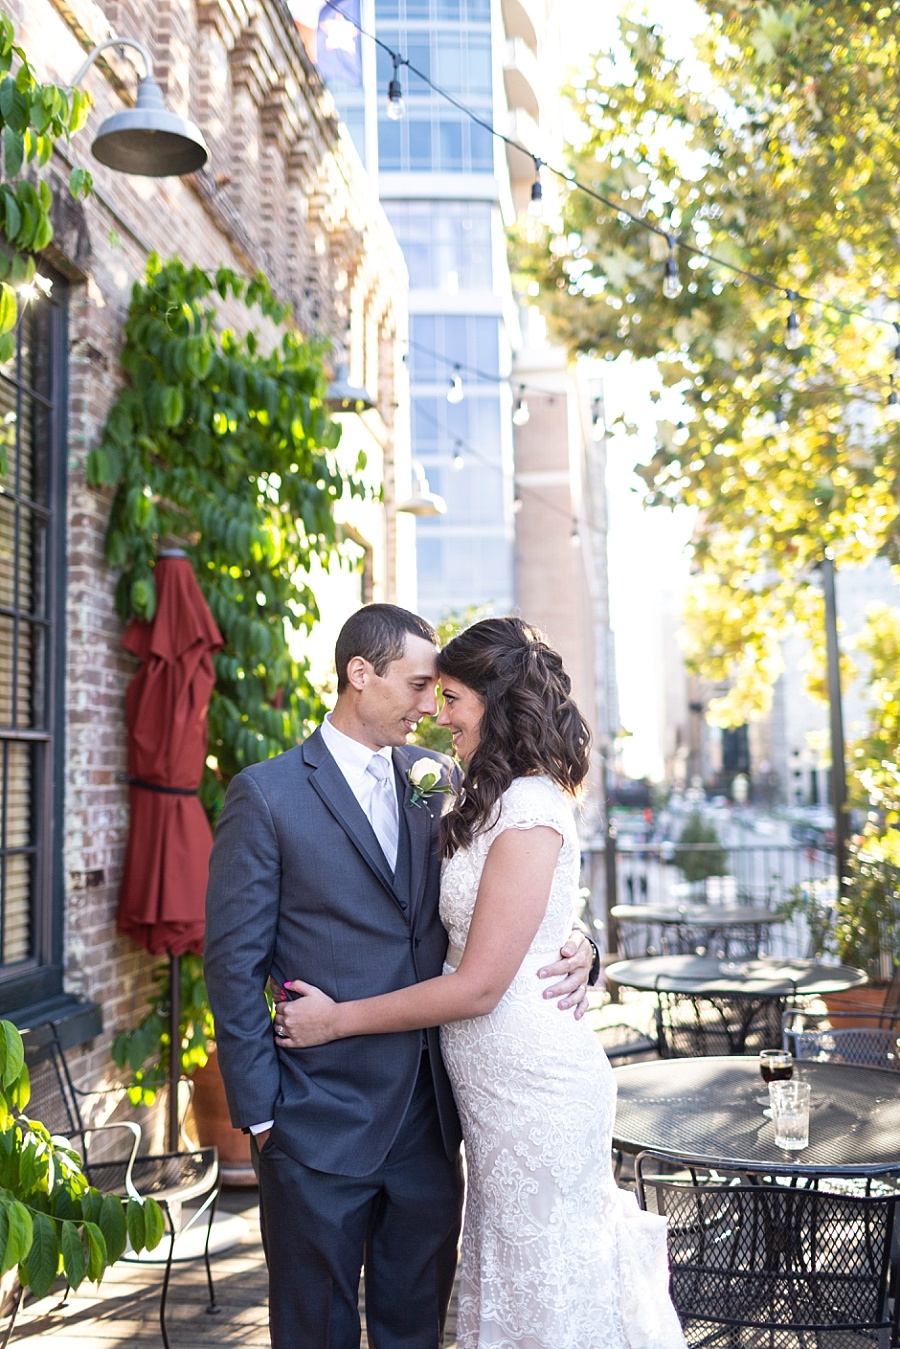 Stacy Anderson Photography Annunciation Church Houston Treebeard's Wedding Photographer_0012.jpg